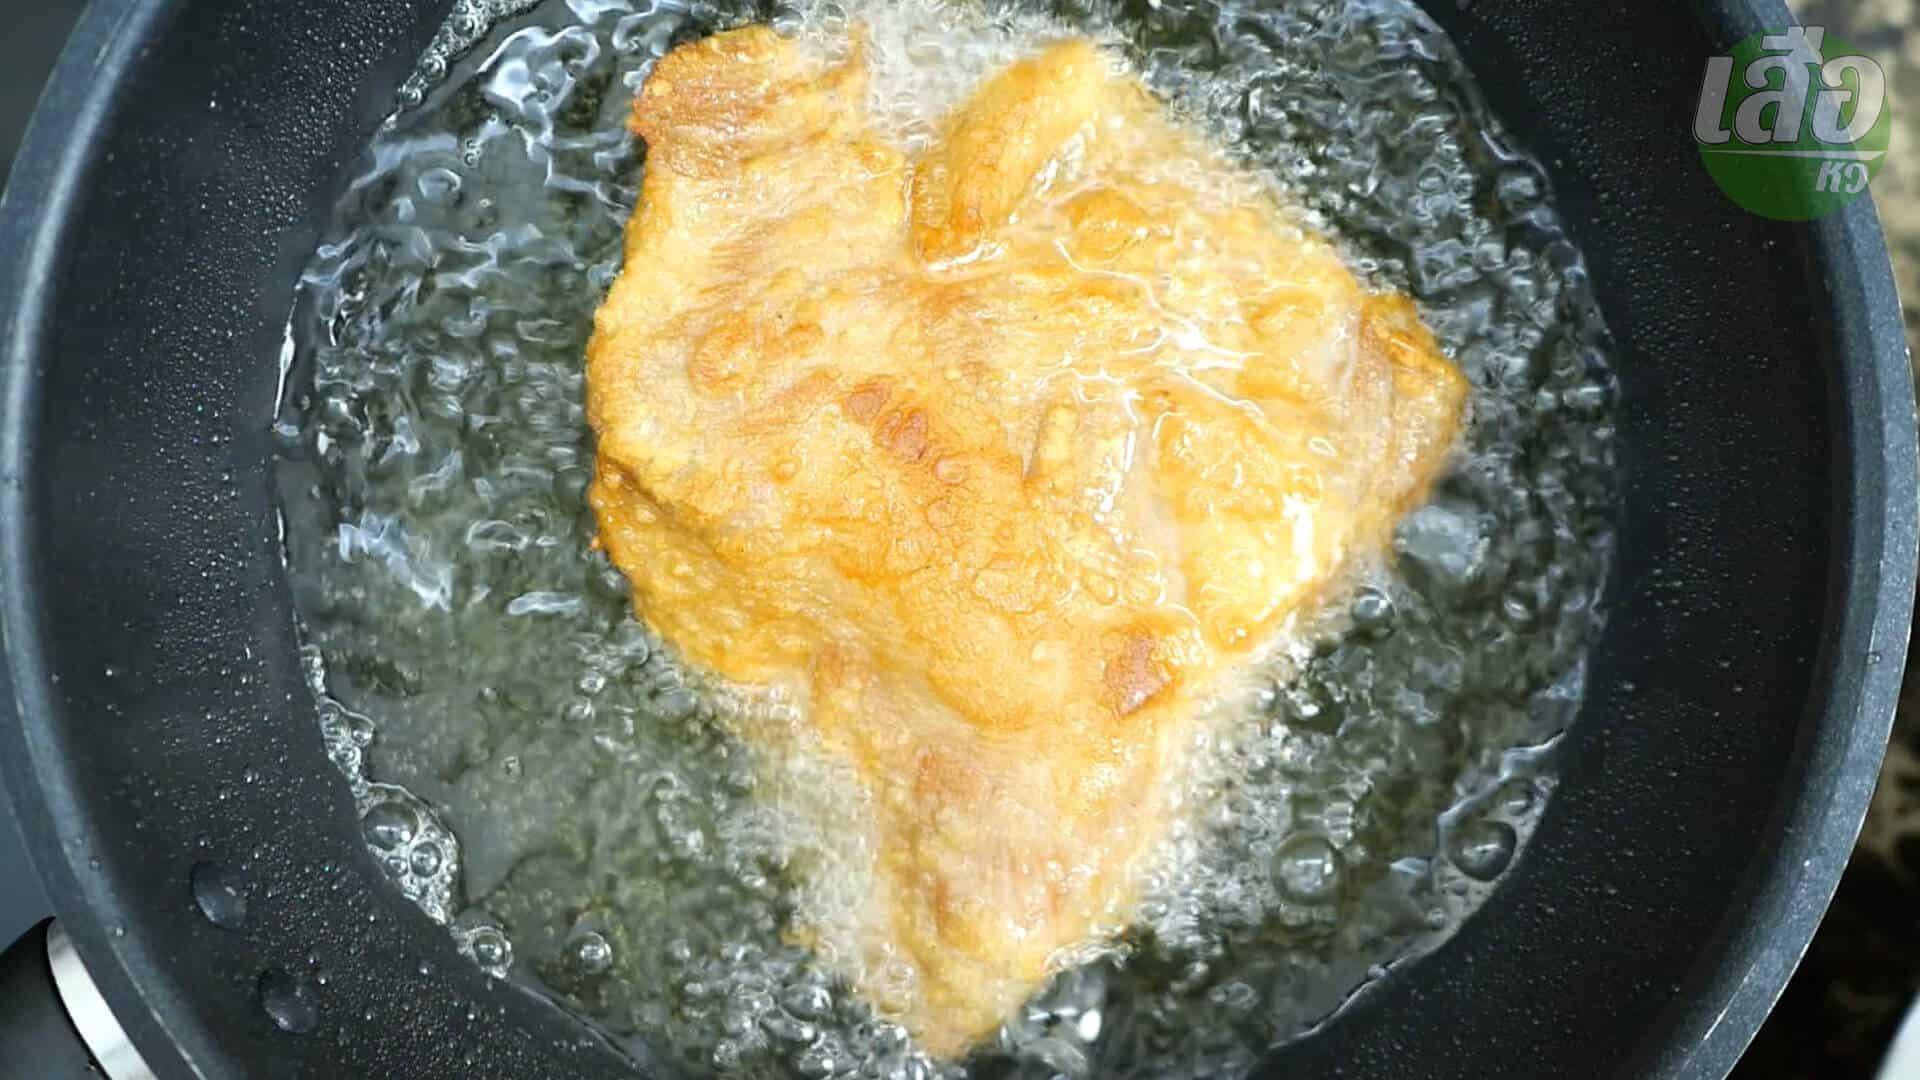 วิธีทอดคอหมูให้เหลืองอร่อย